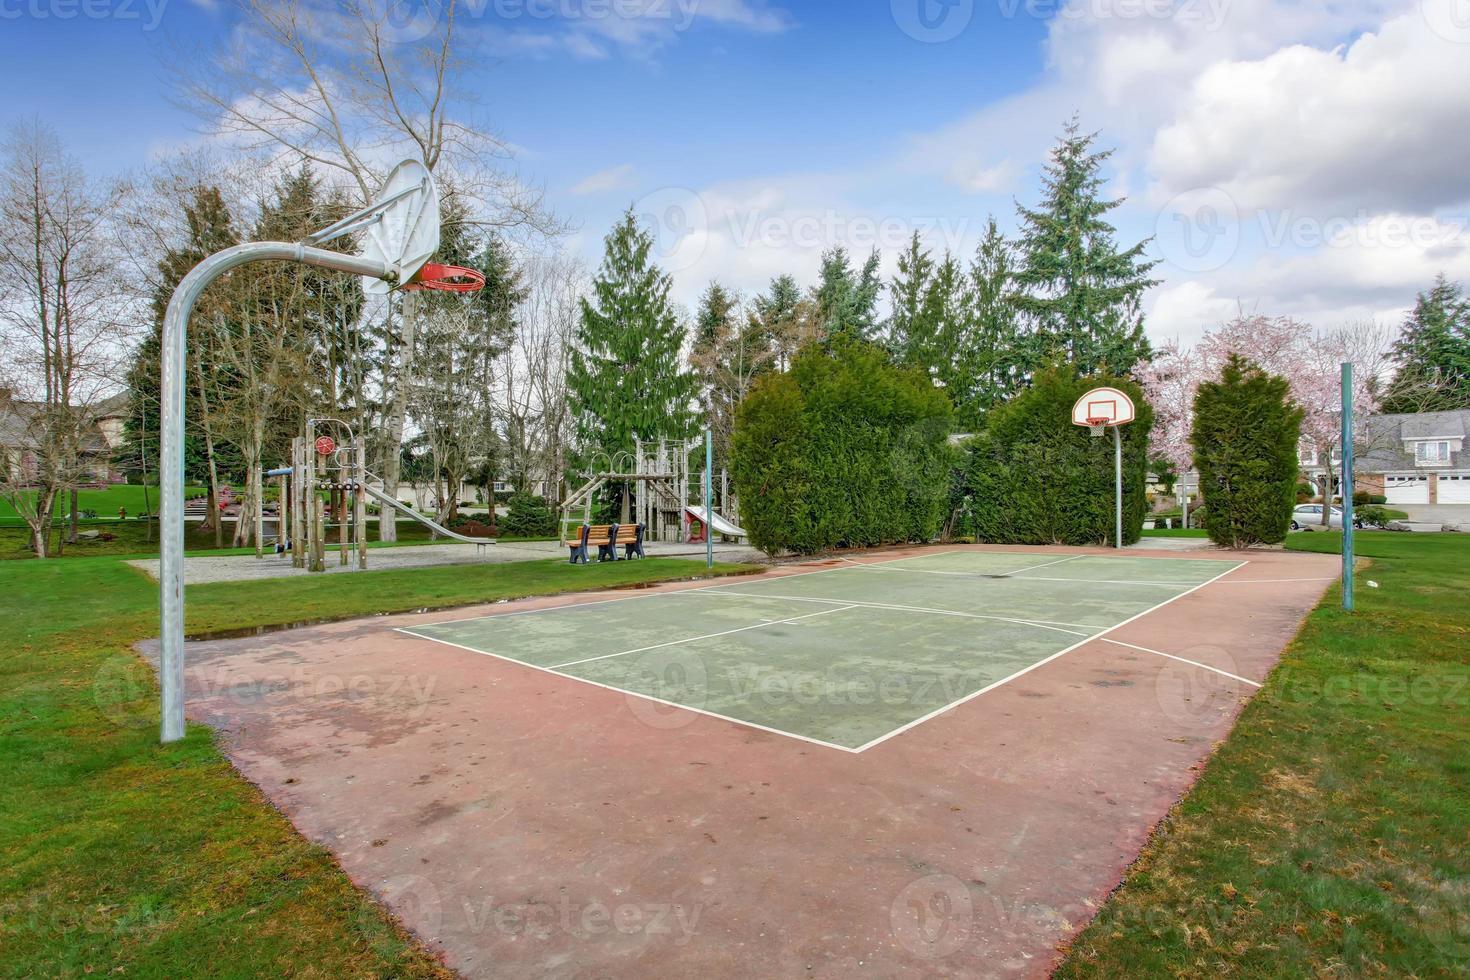 cancha de baloncesto y parque infantil para niños foto